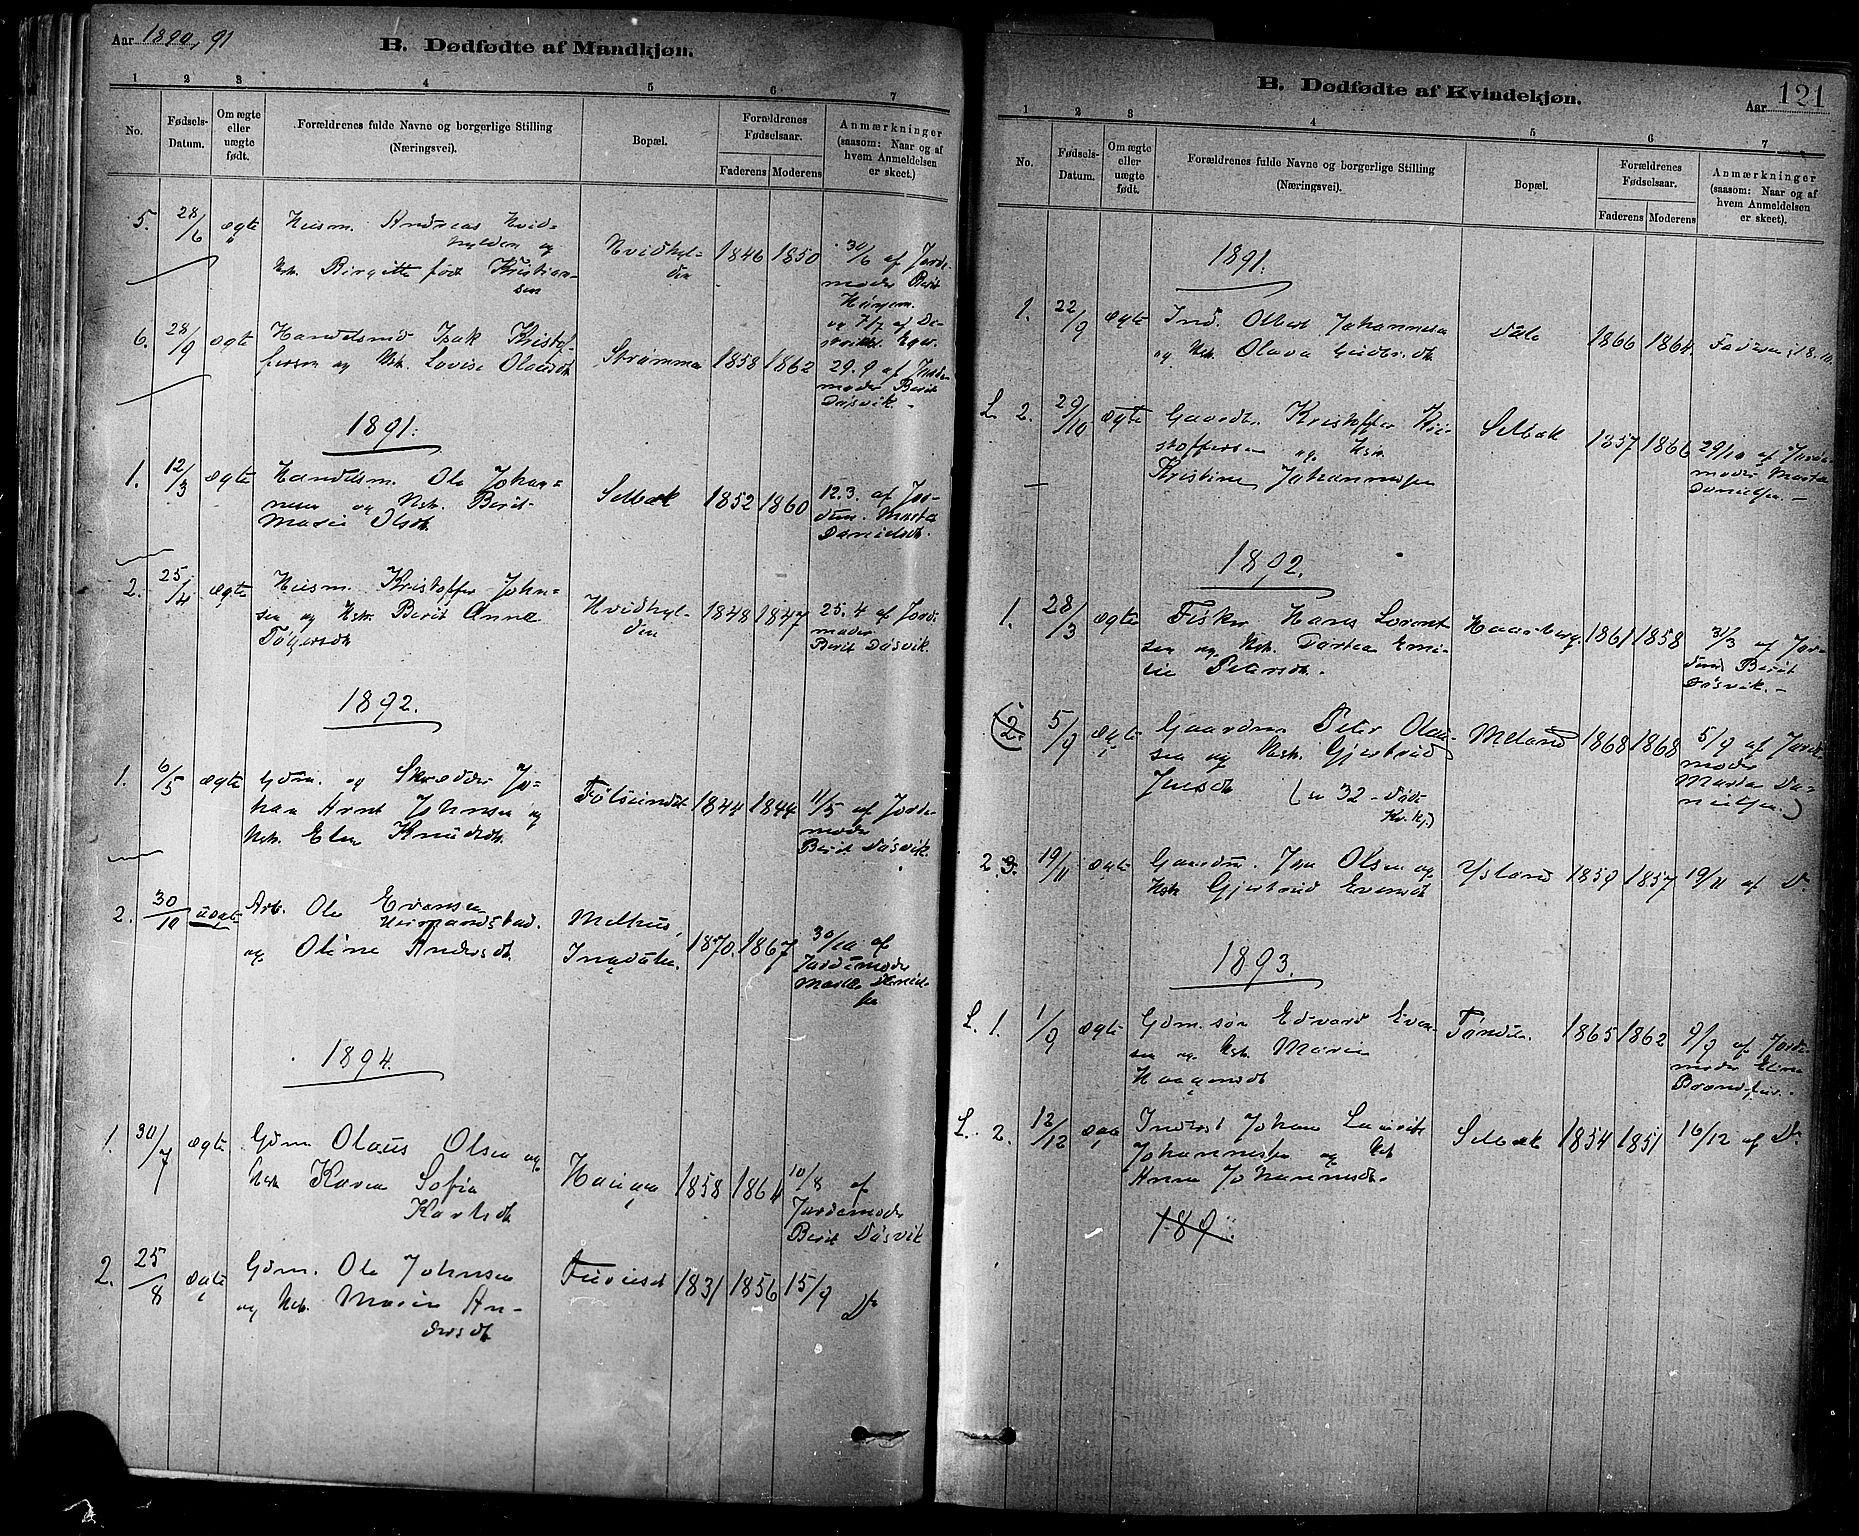 SAT, Ministerialprotokoller, klokkerbøker og fødselsregistre - Sør-Trøndelag, 647/L0634: Ministerialbok nr. 647A01, 1885-1896, s. 121